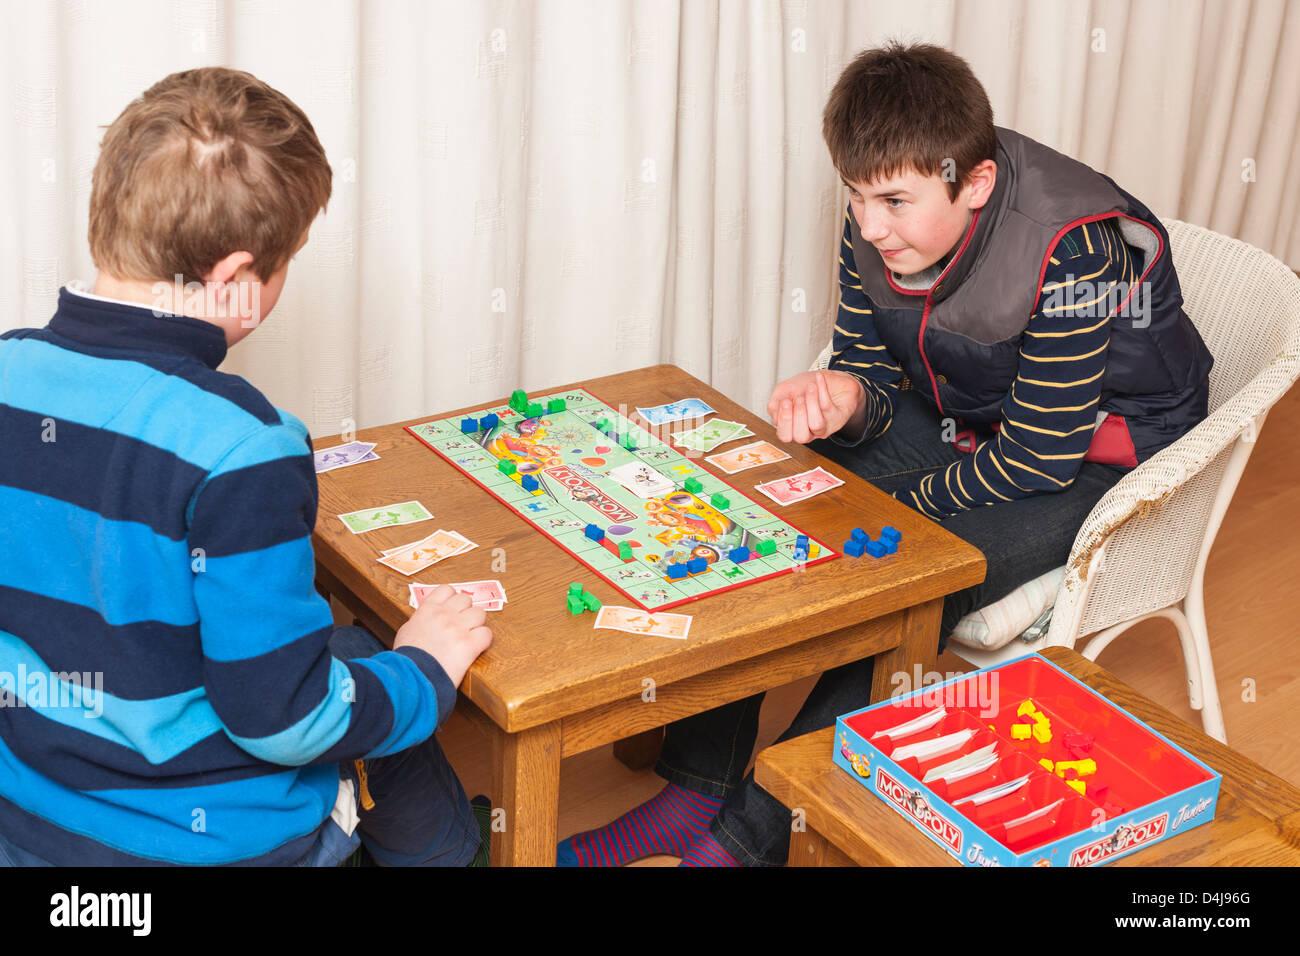 Deux garçons ( frères ) jouer jeu de monopoly junior à la maison Banque D'Images